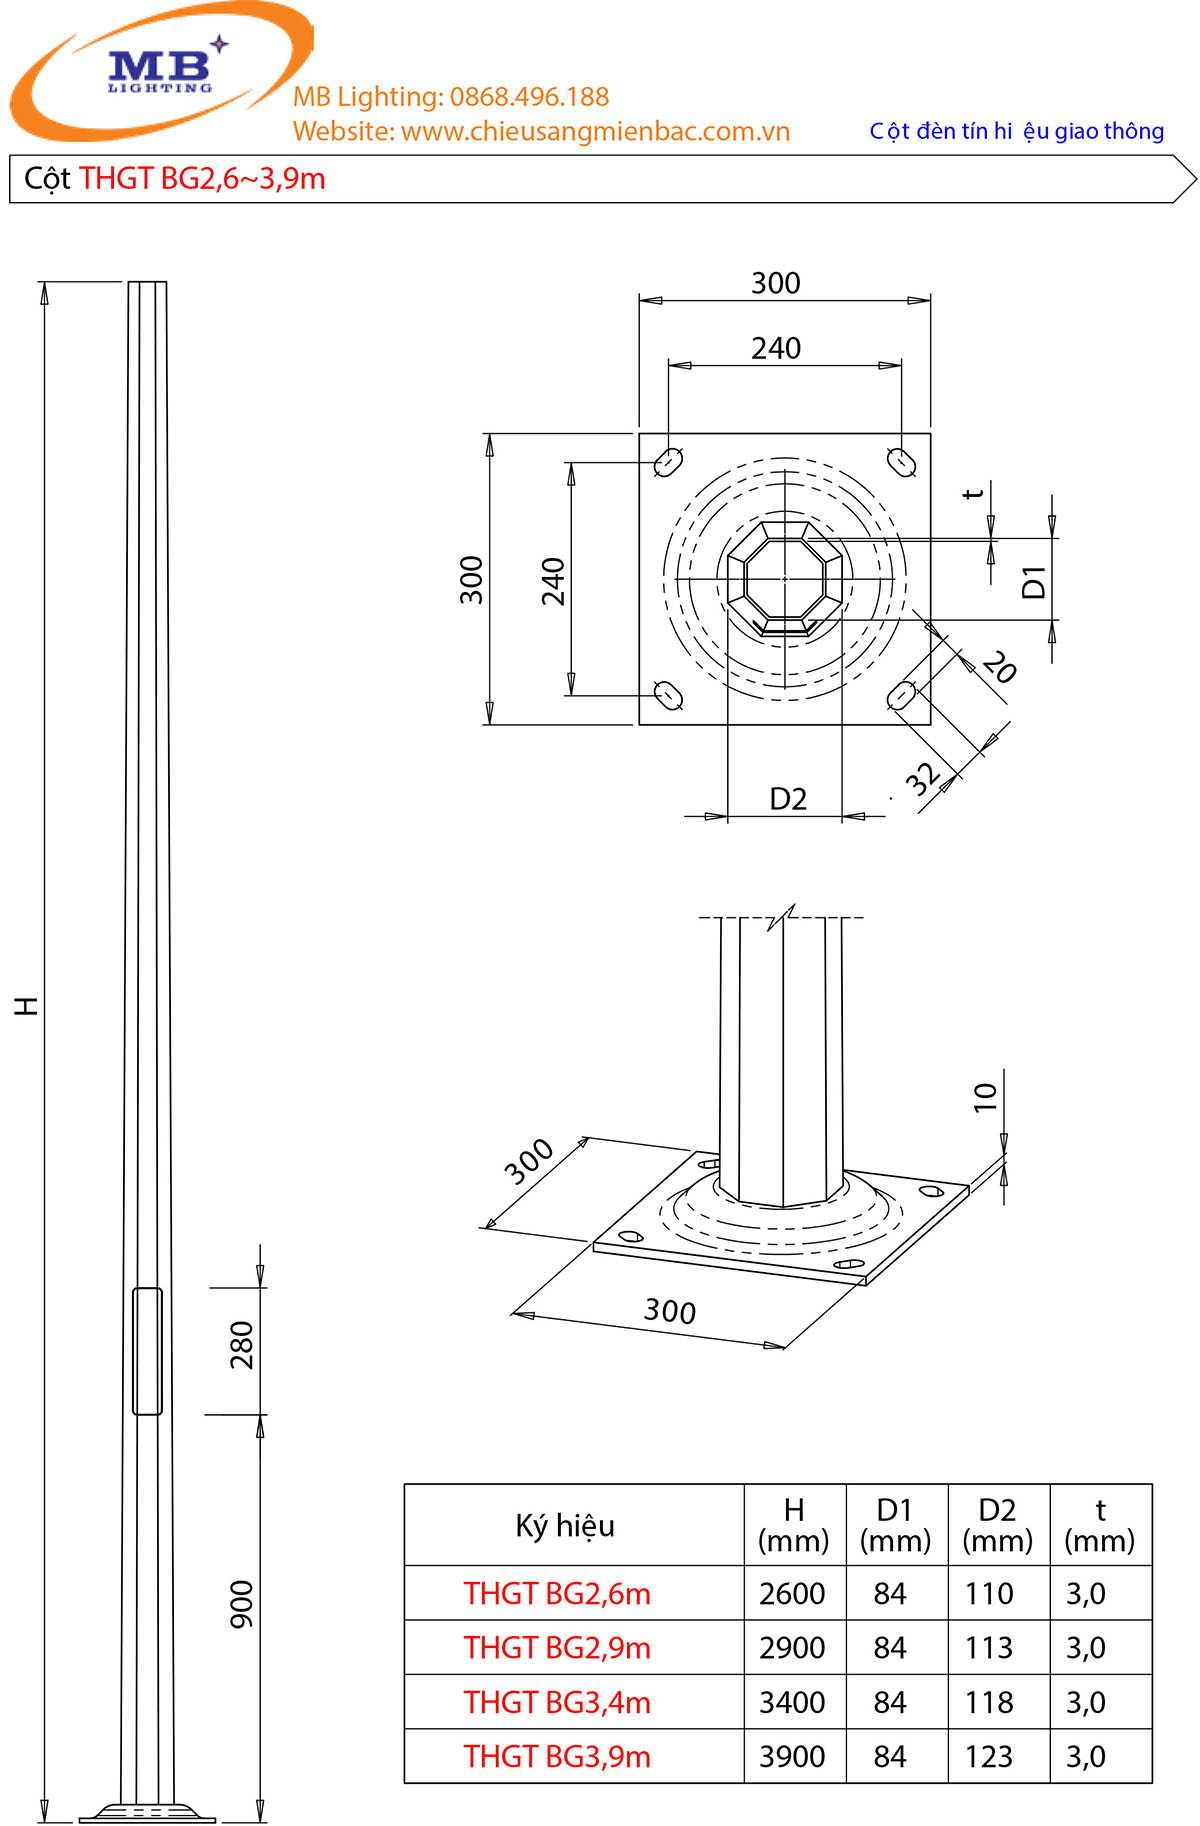 Bản vẽ thiết kế cột đèn tín hiệu giao thông mẫu 4